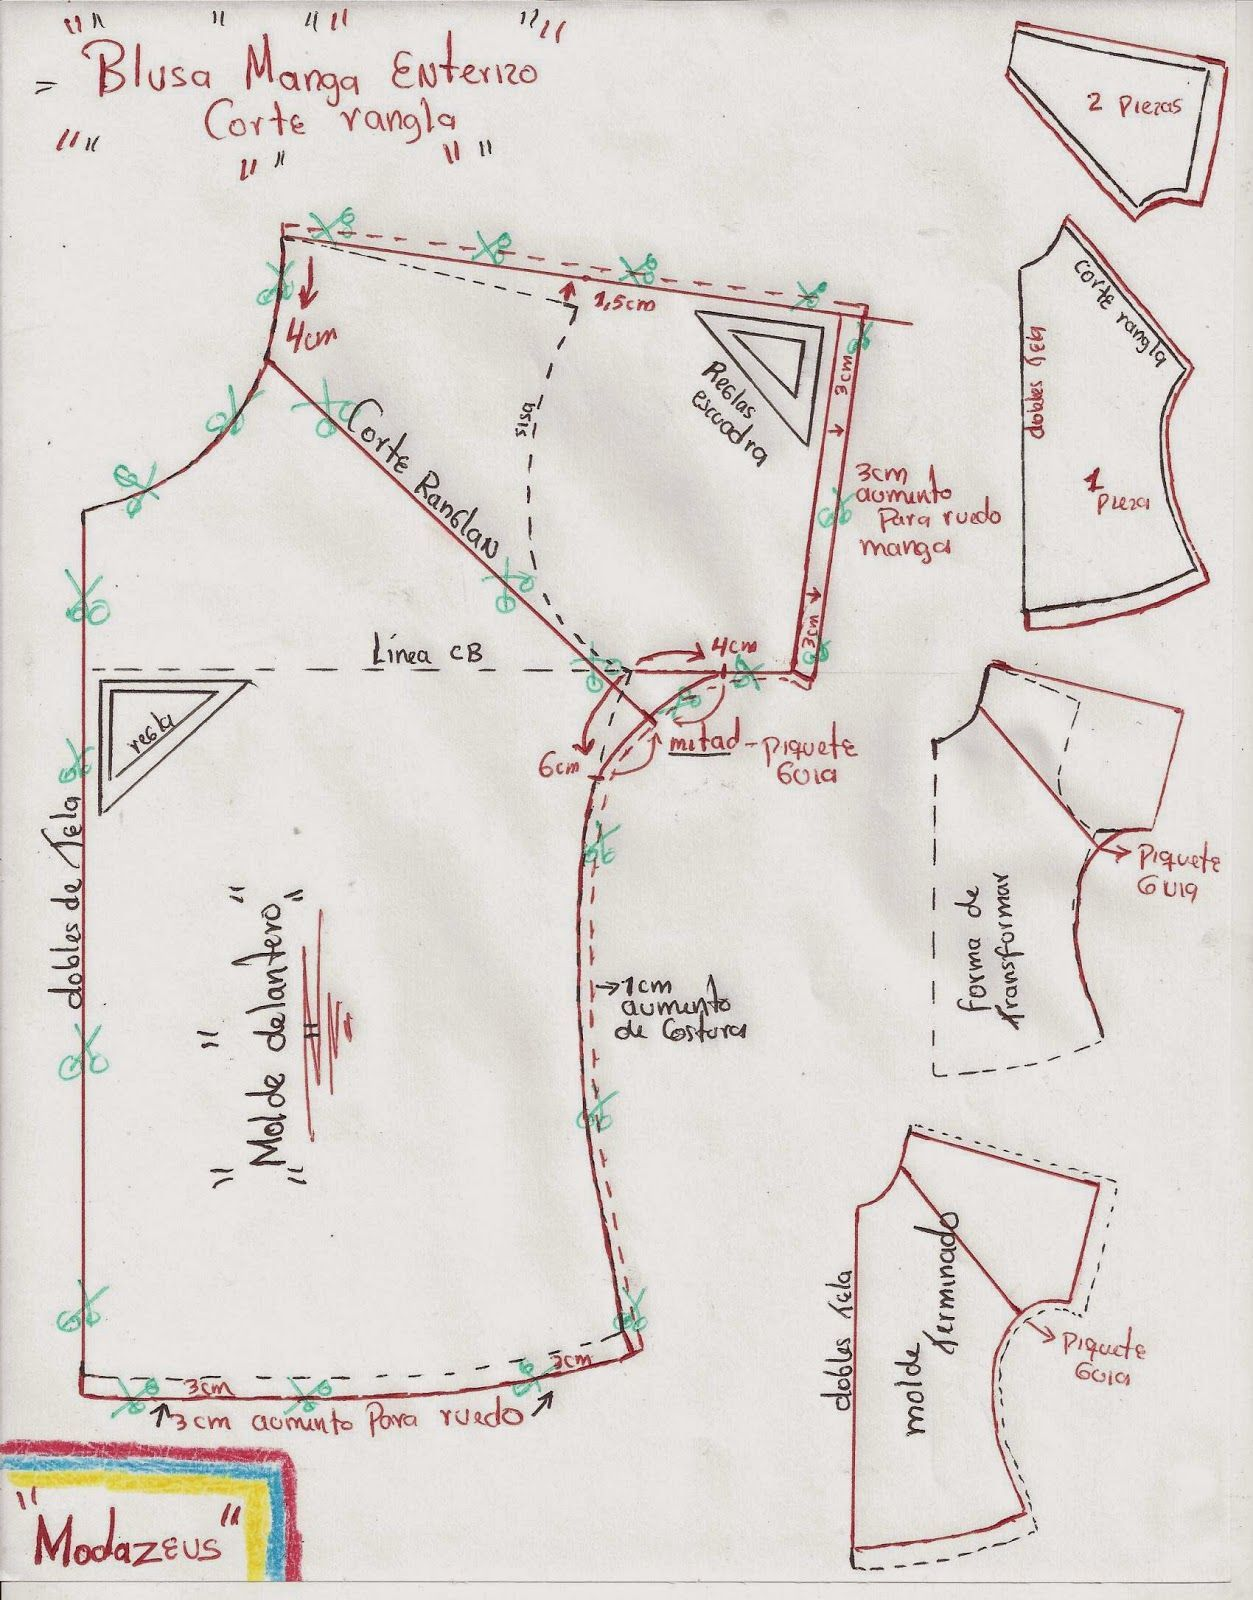 Resultado de imagen para patrones de blusas manga corta | Costura ...